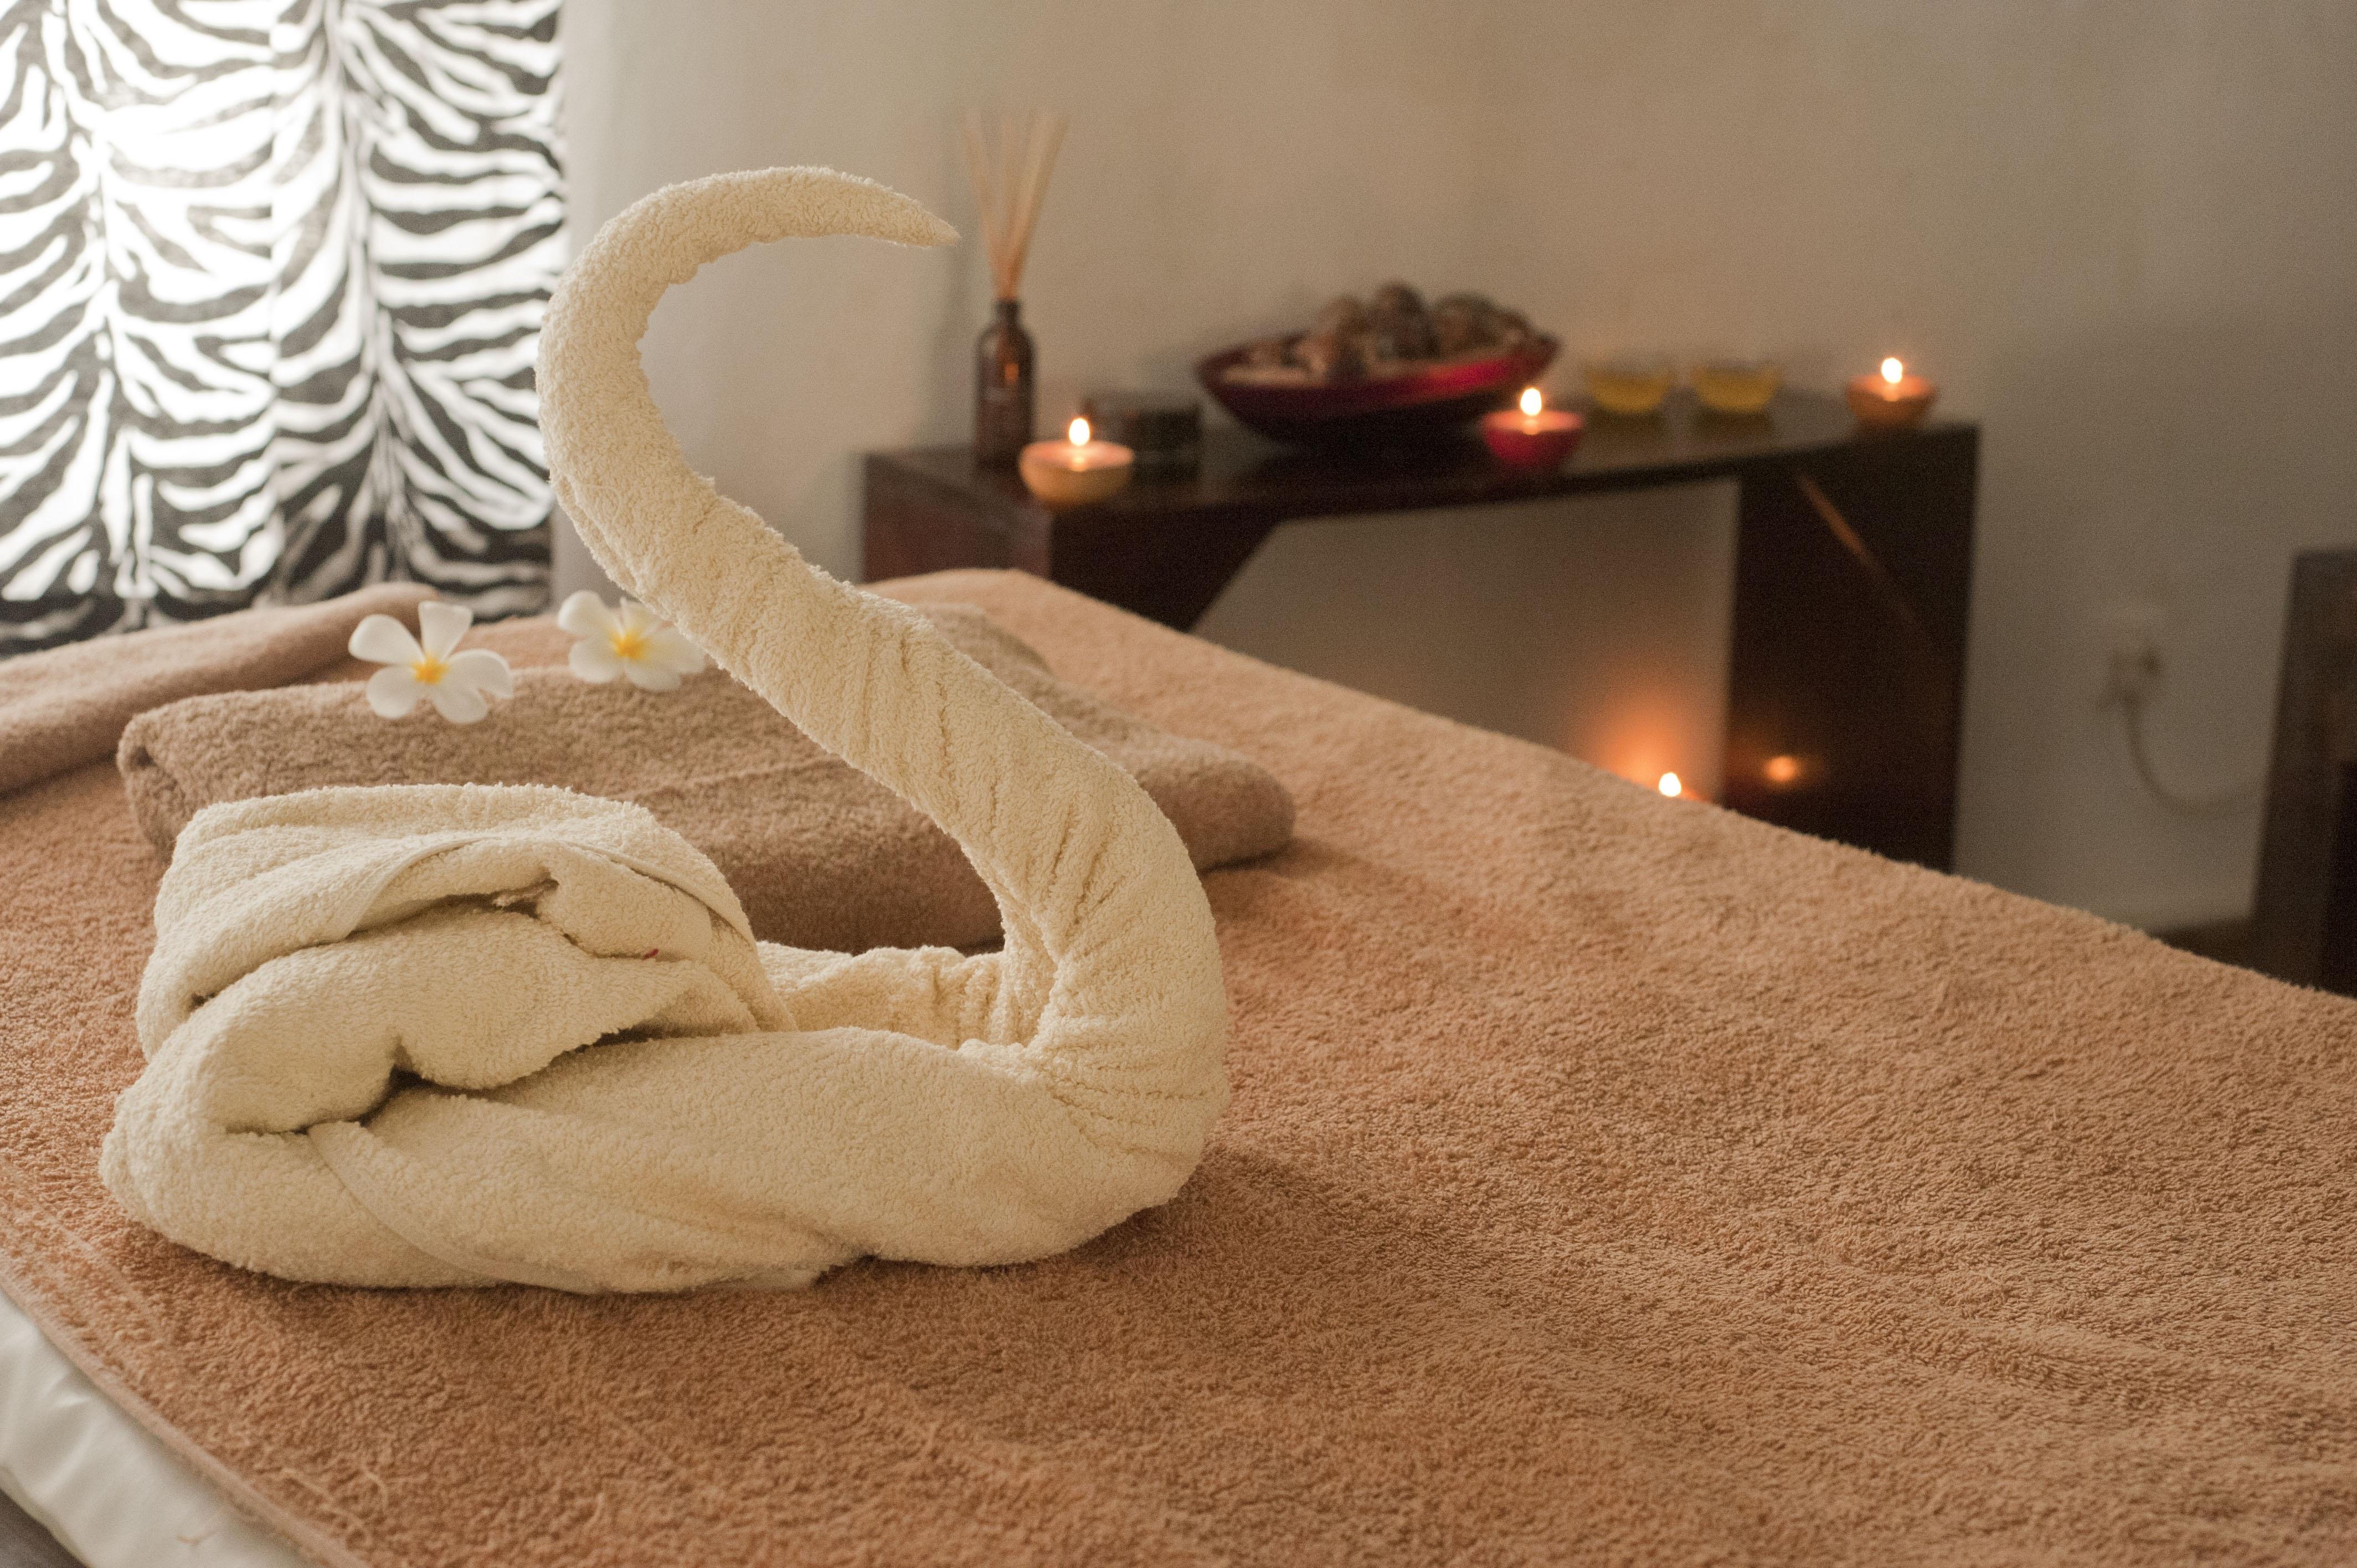 Holz Stock Möbel Zimmer Entspannung Bett Spa Massage Bodenbelag